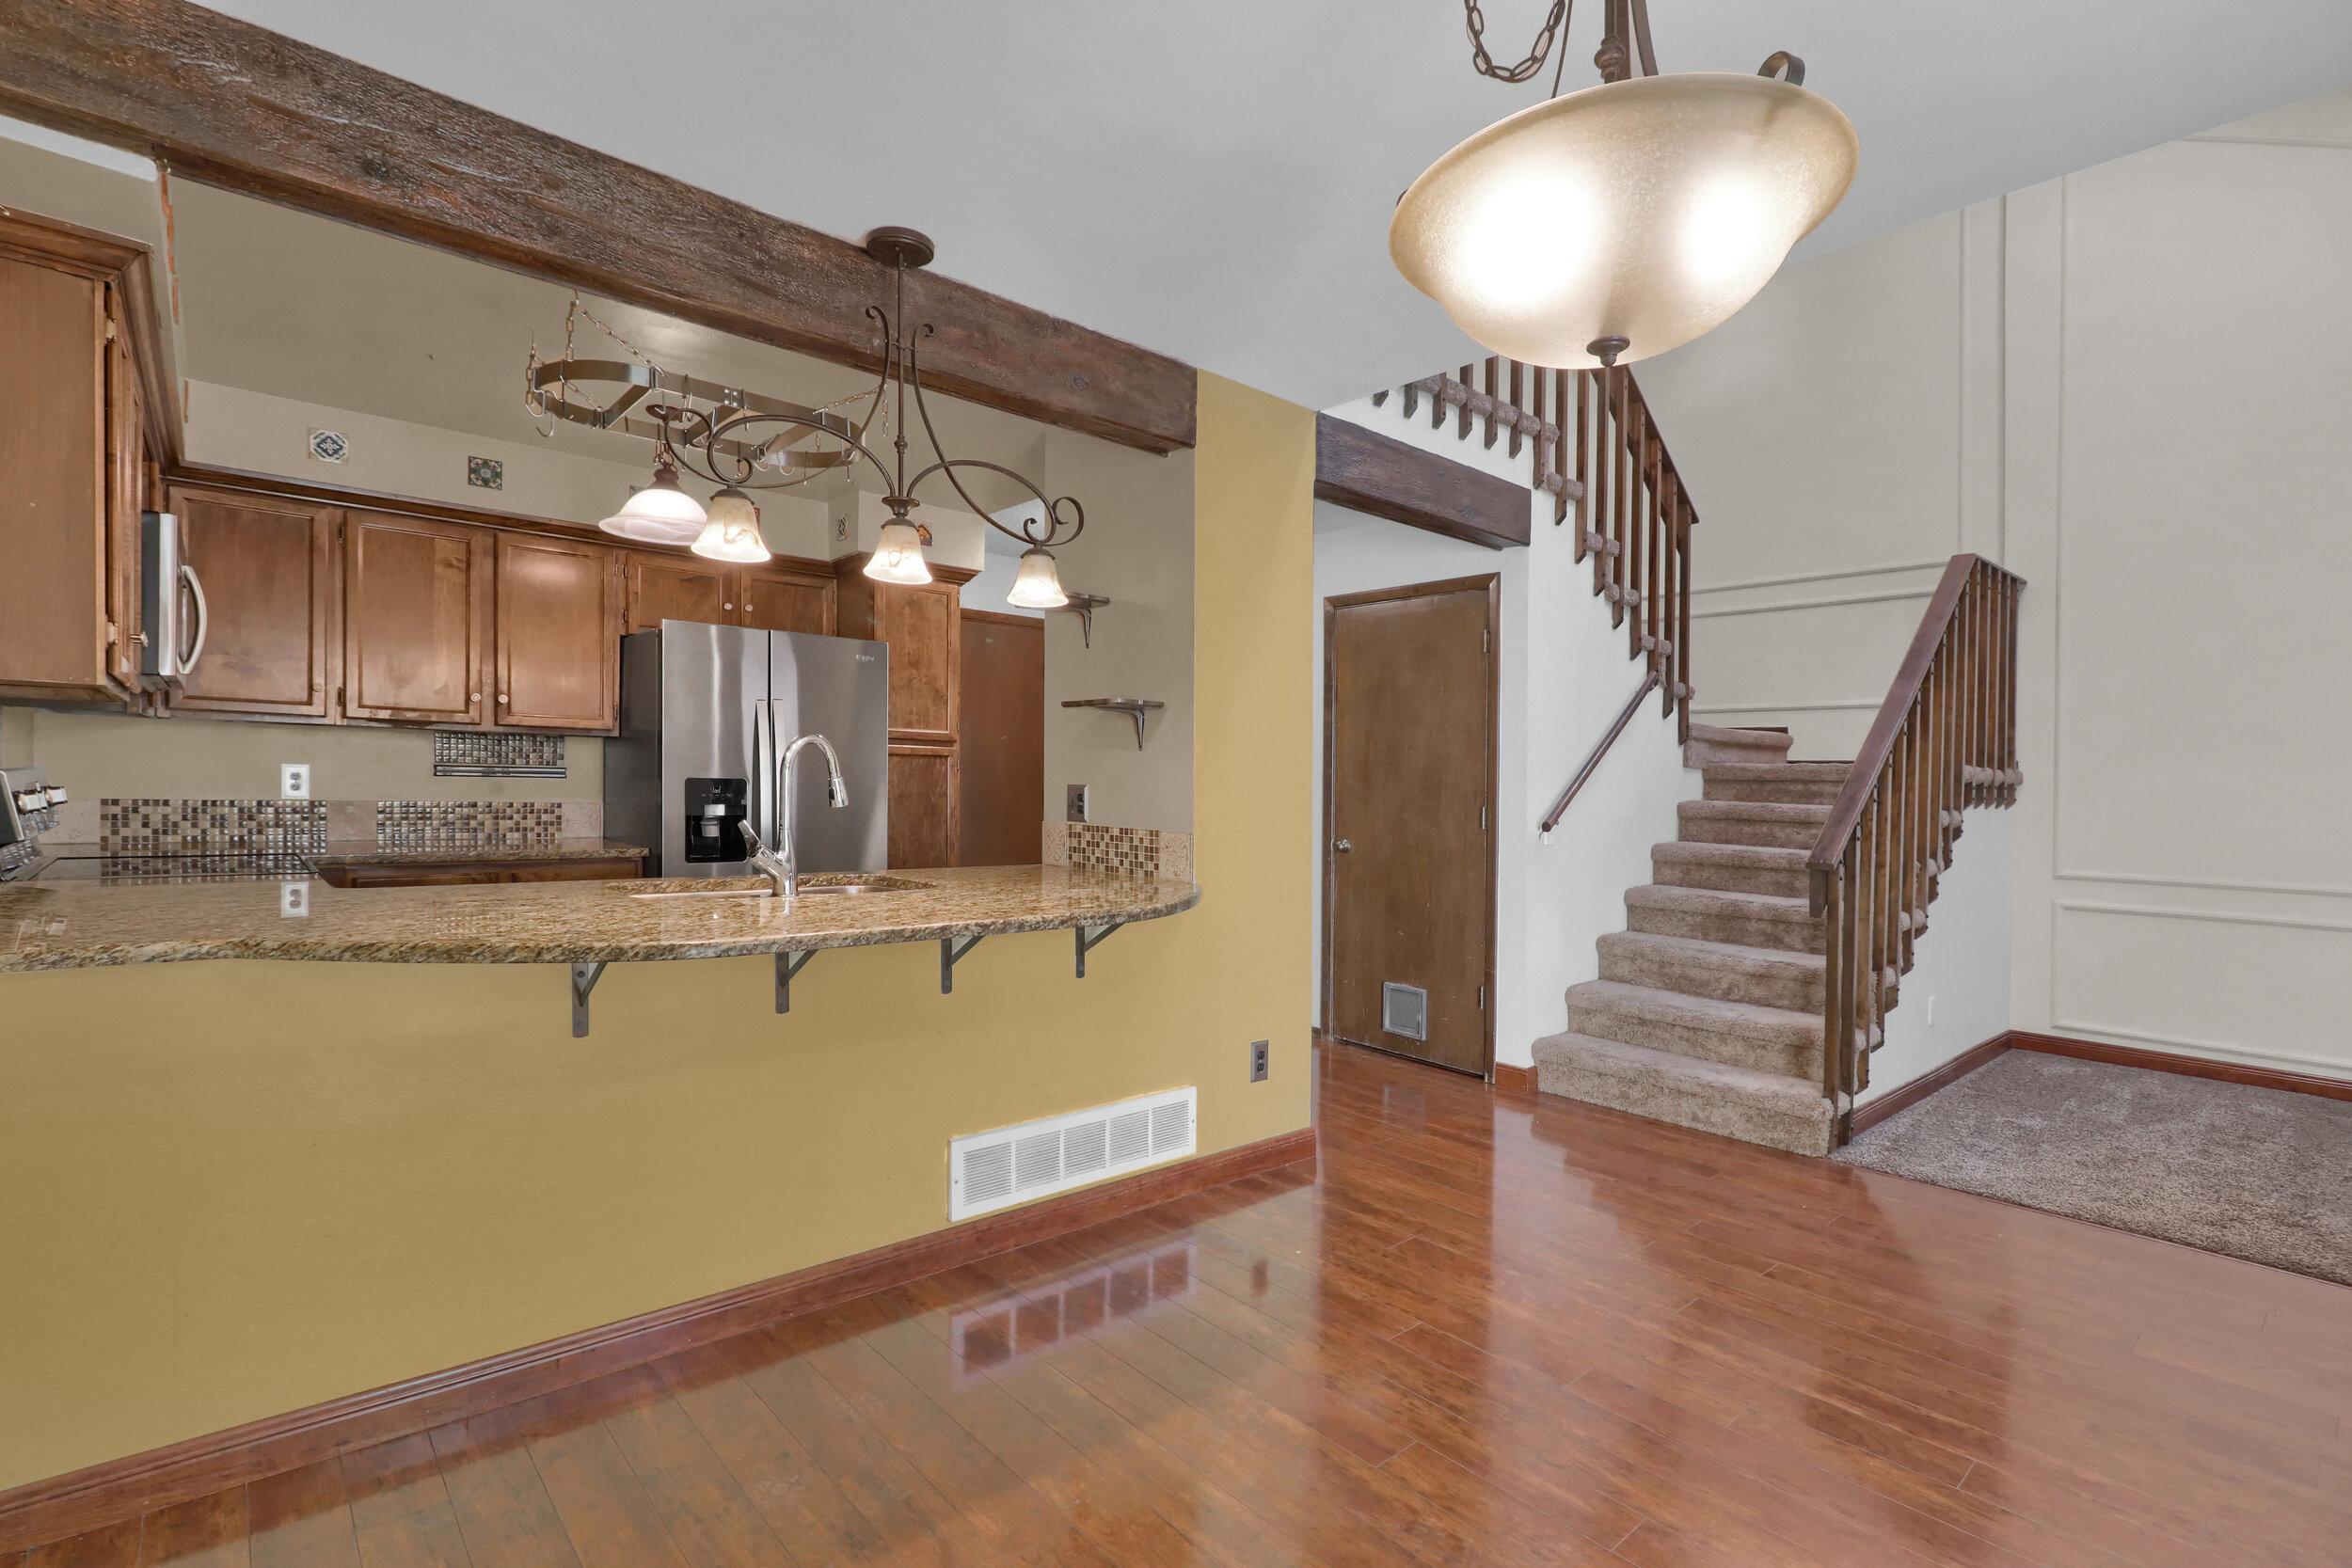 9970 Grove Street Unit B-print-011-010-Dining Room-4200x2800-300dpi.jpg